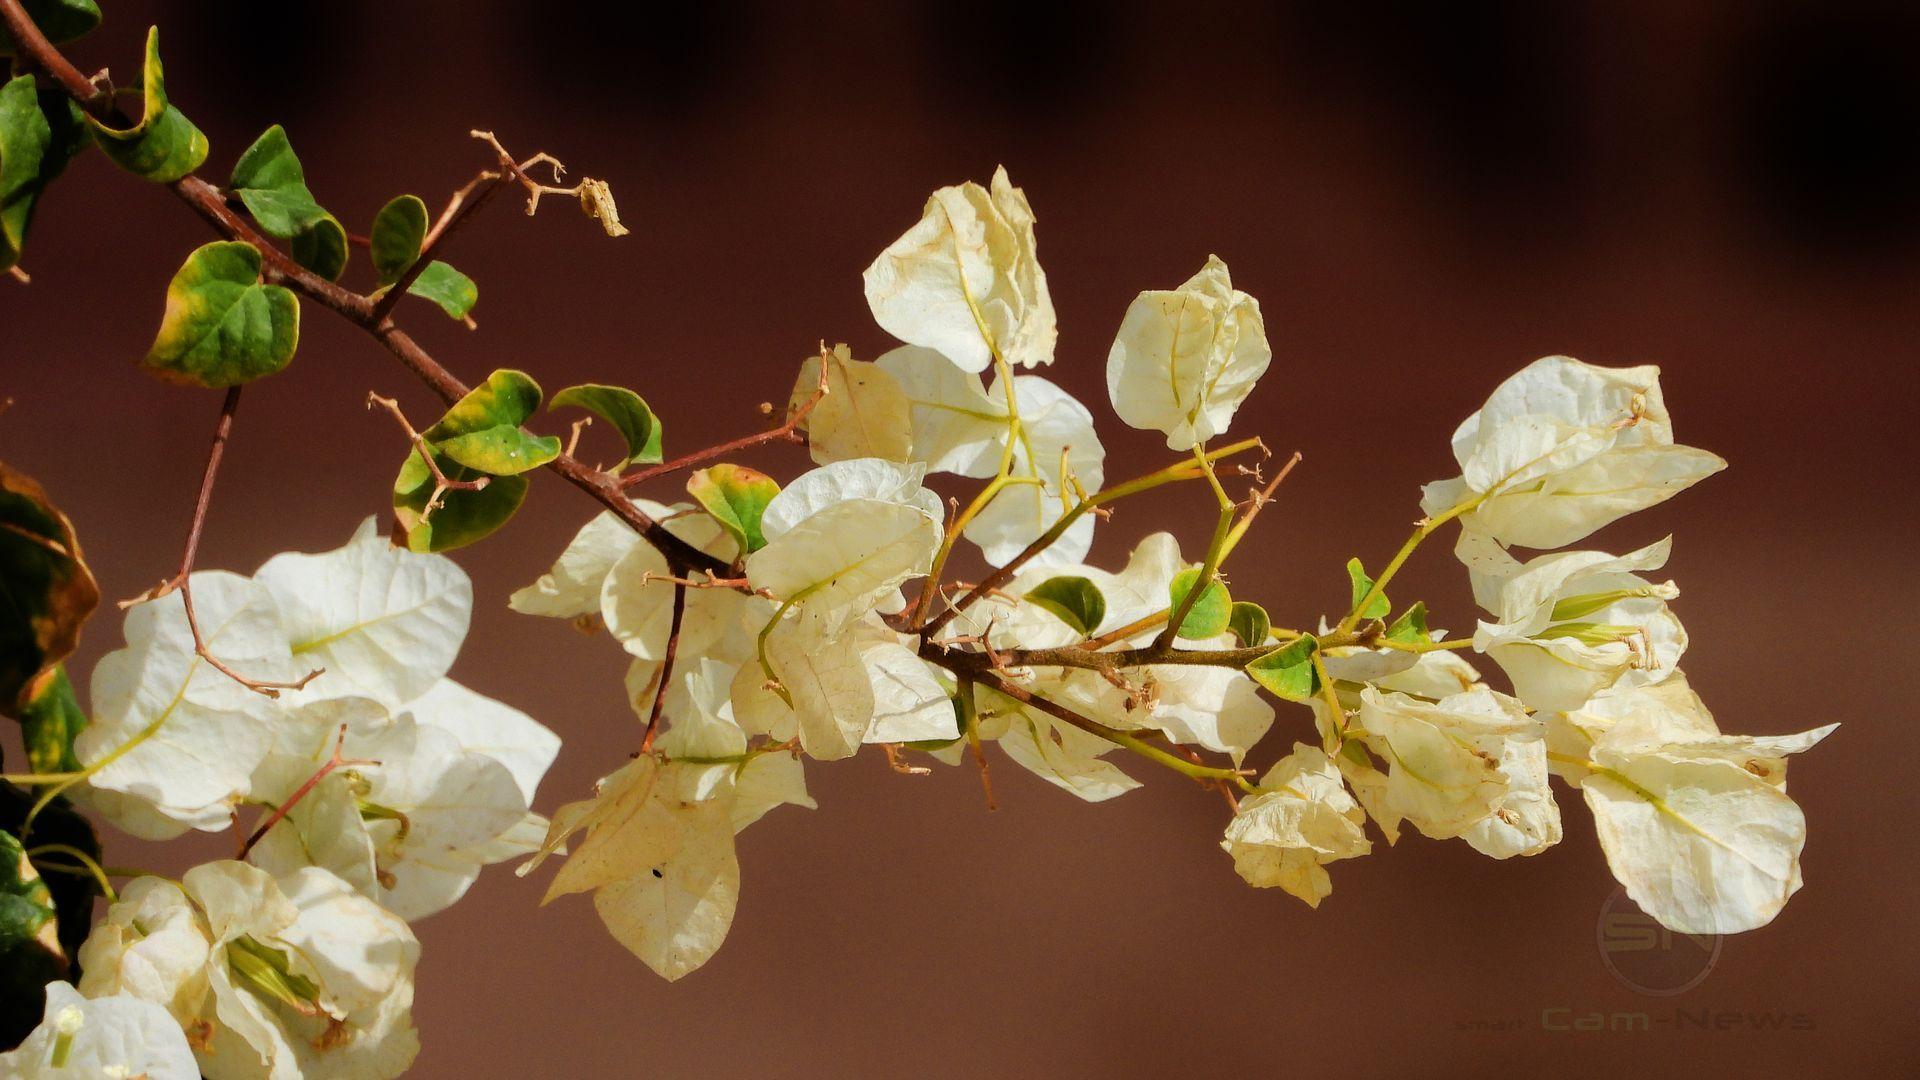 Blumen Bokeh - Nikon Coolpix P1000 - SmartCamNews